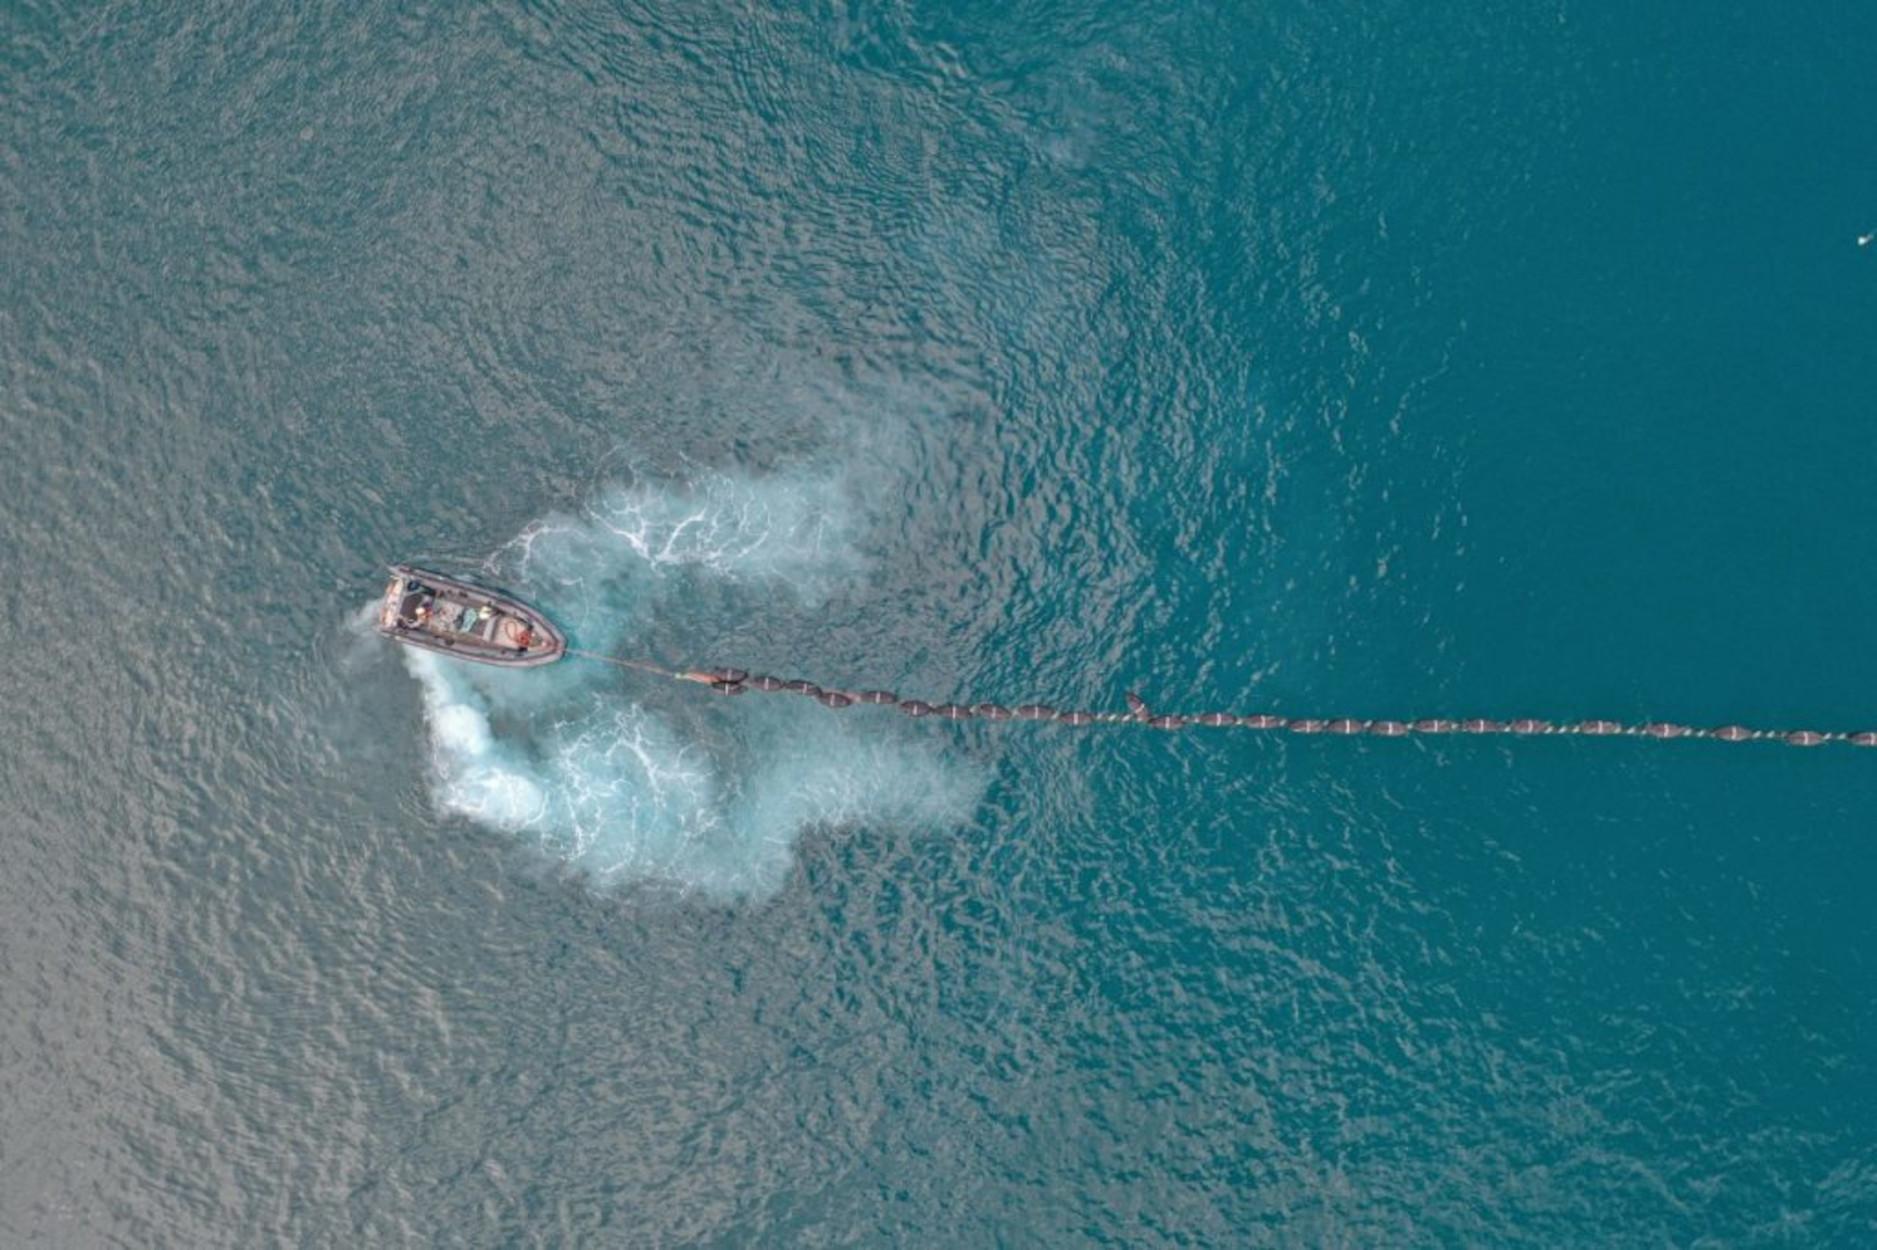 Ολοκληρώθηκε η ηλεκτρική διασύνδεση Πελοποννήσου – Κρήτης – Η μεγαλύτερη στο είδος της στον κόσμο!